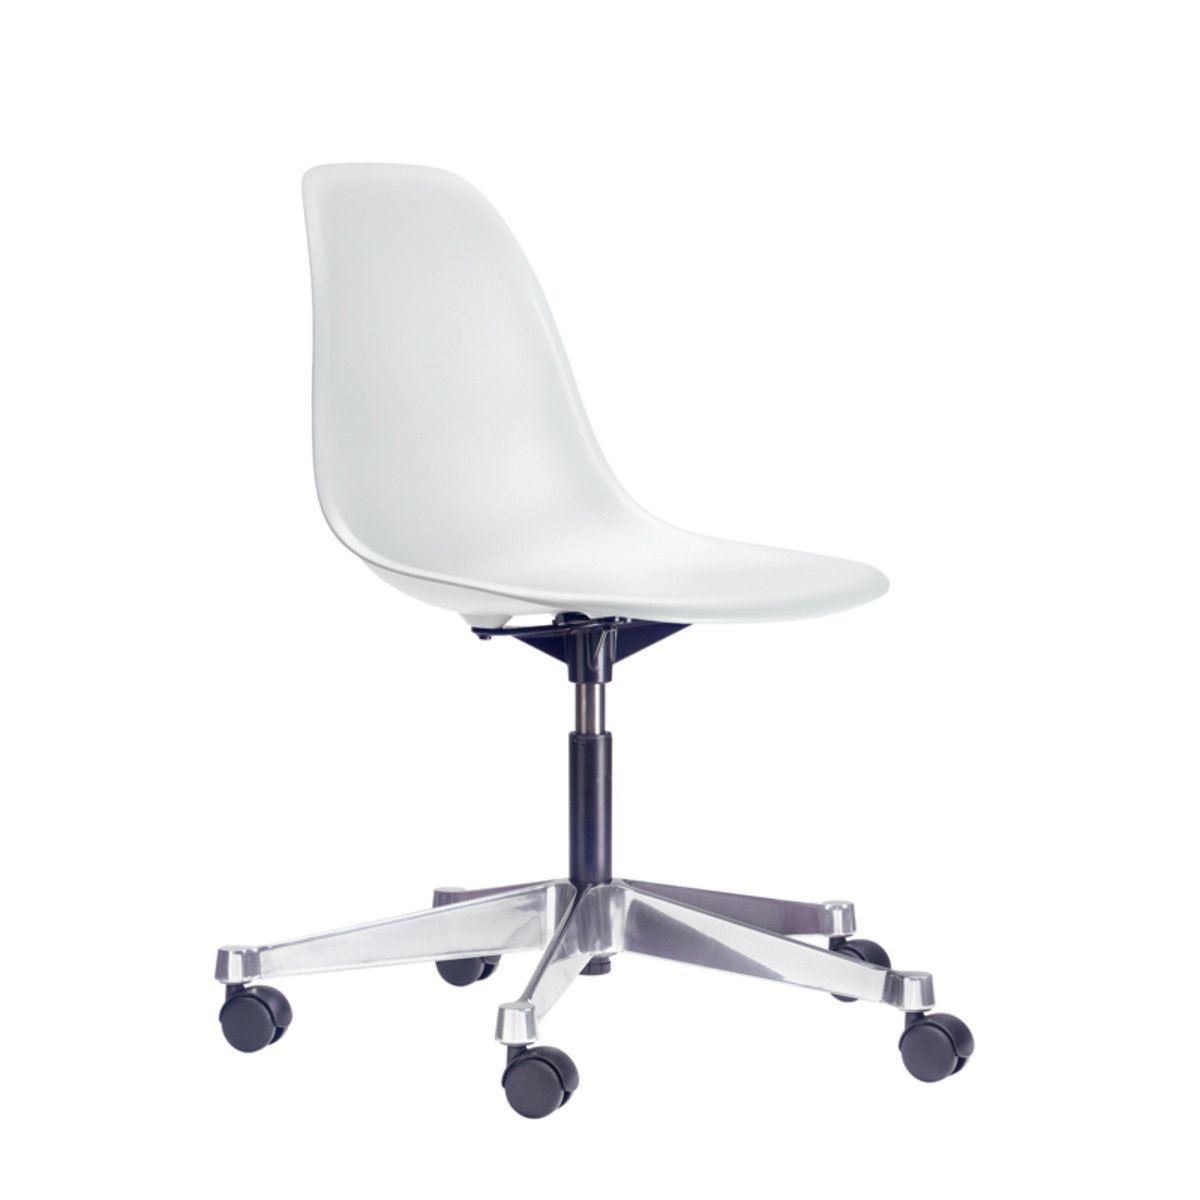 Vitra - Eames Plastic Side Chair PSCC, weiß (Rollen für harte Böden ...